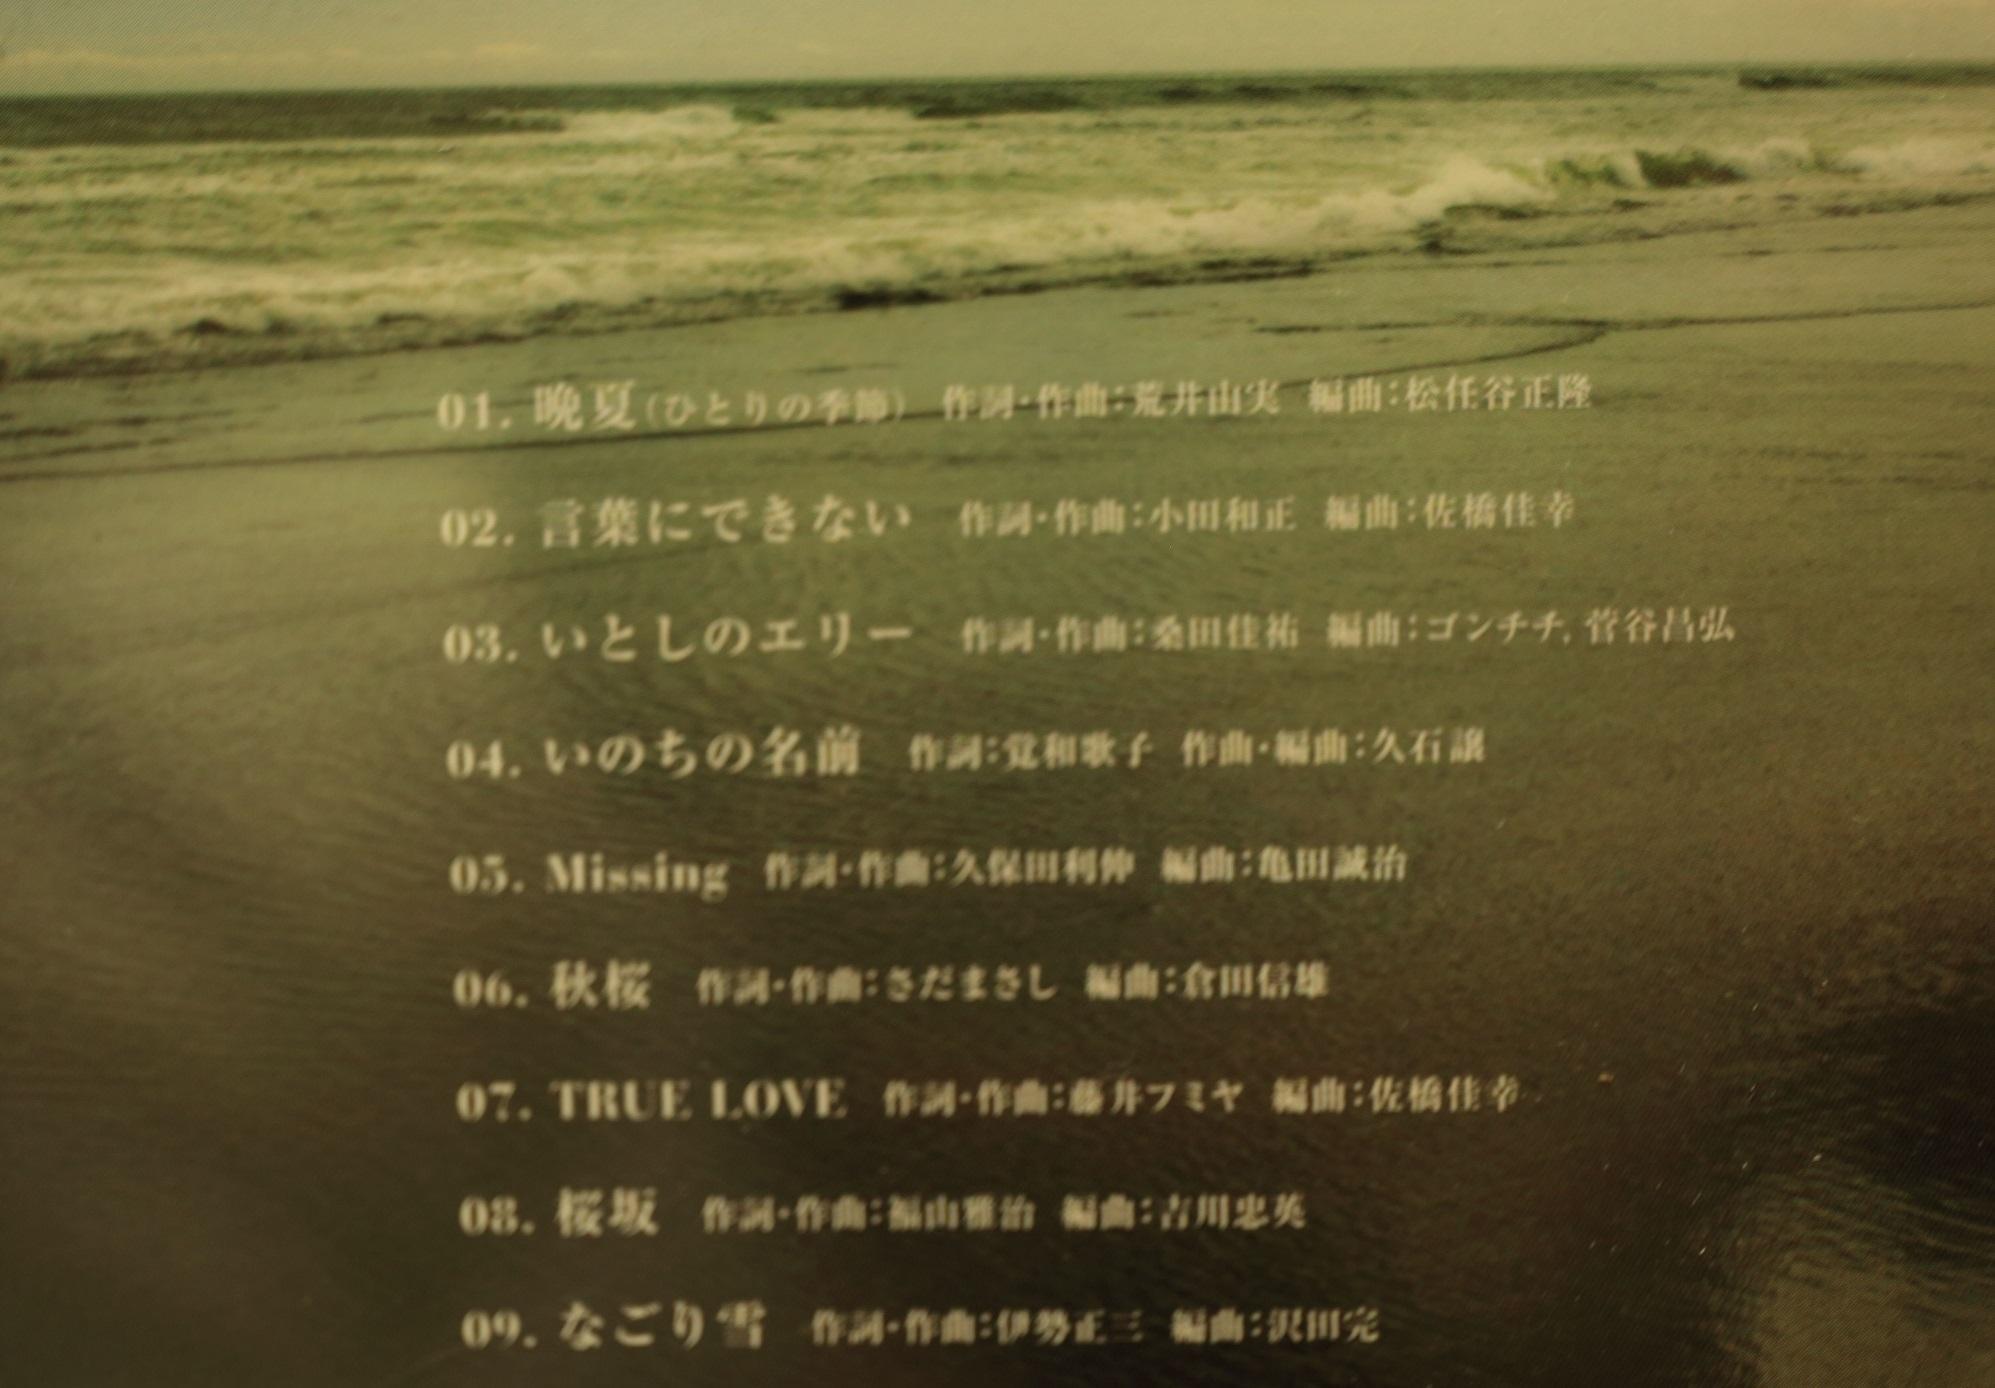 ブログ 綾香さんのCd.jpg